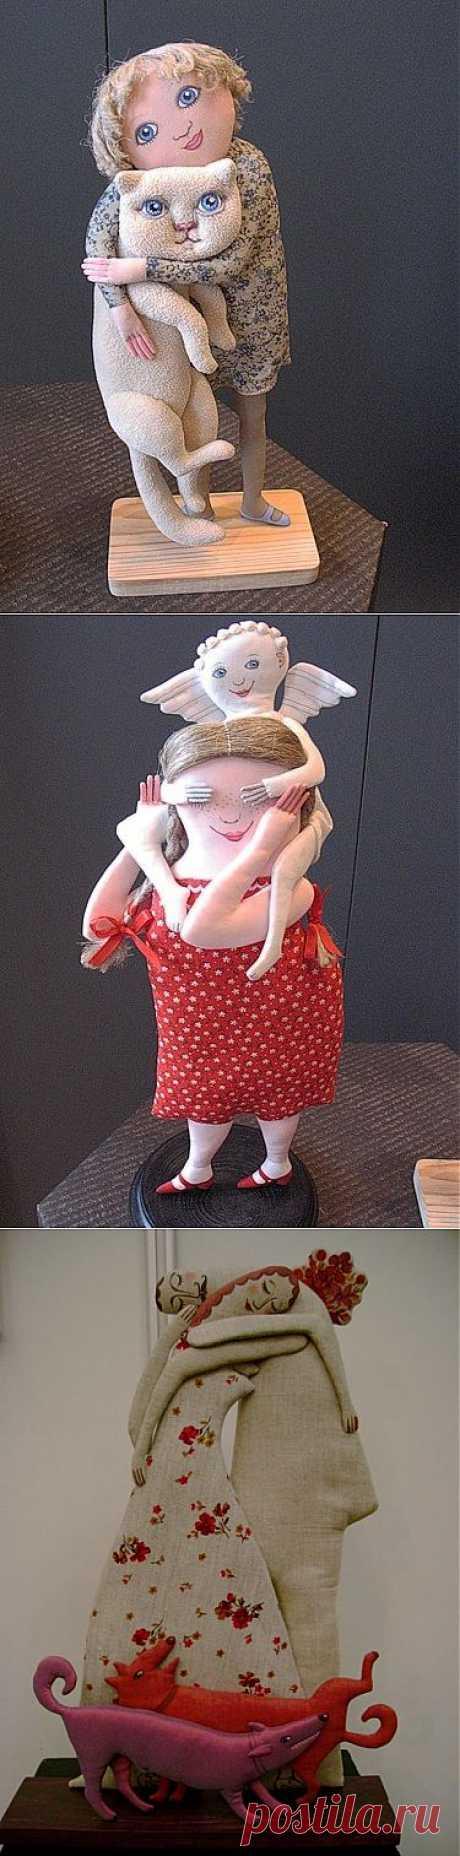 Текстильные скульптуры Татьяны Овчинниковой | Умелые ручки